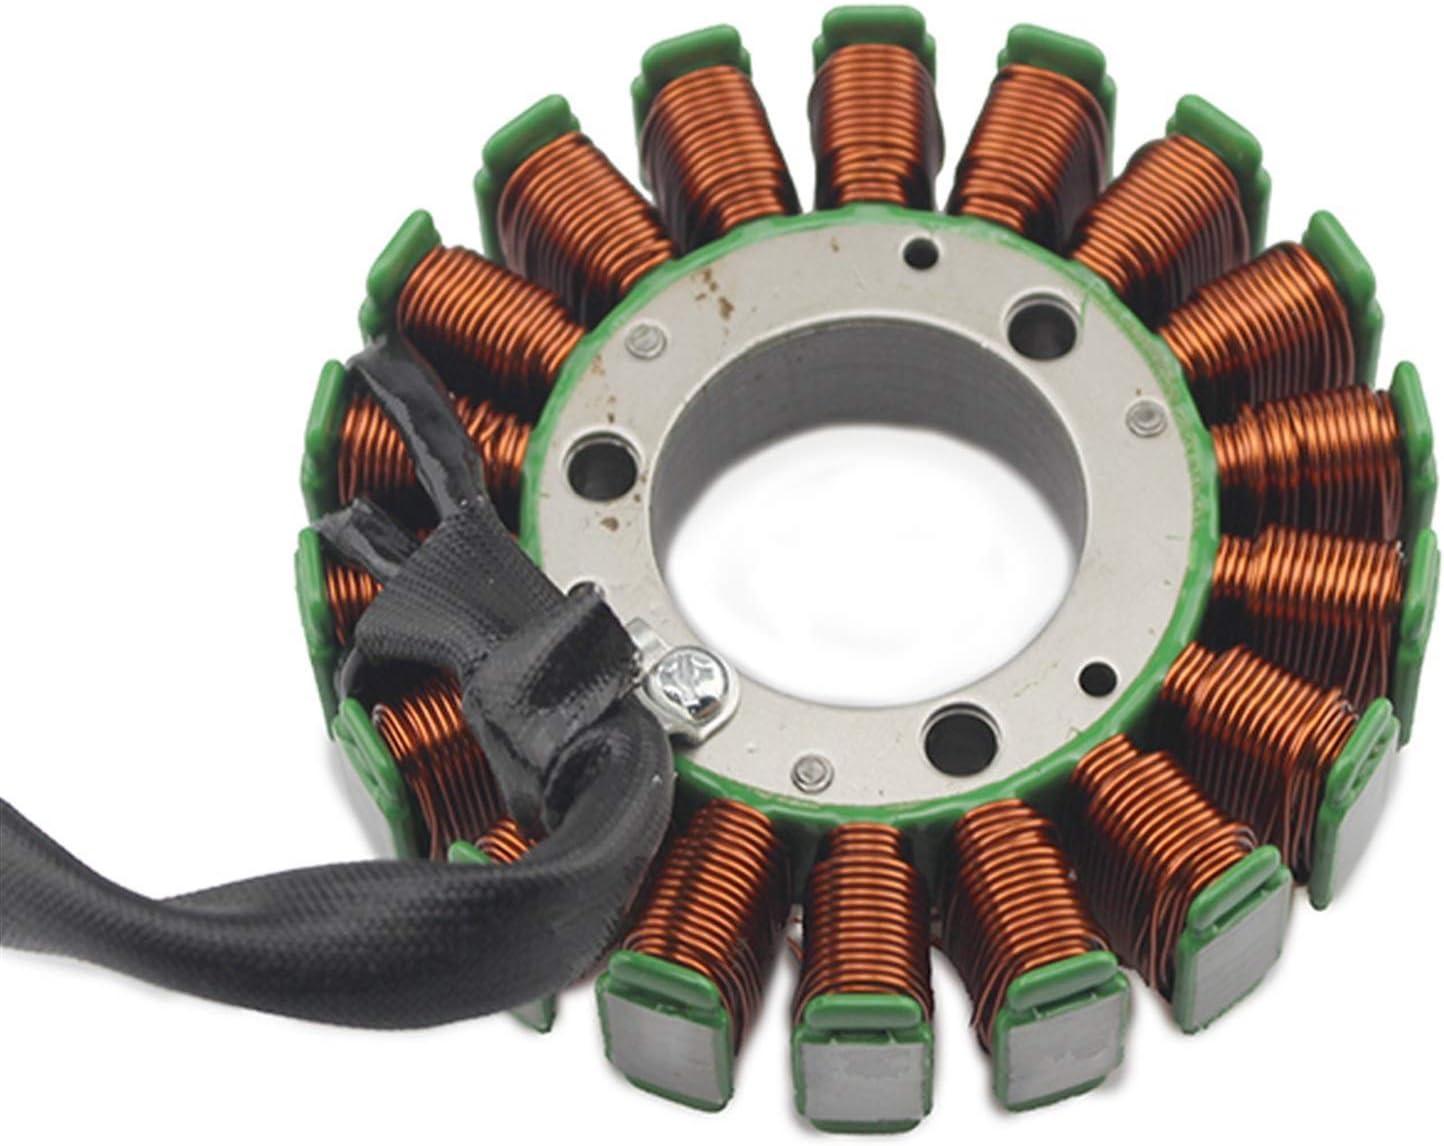 Generador de Motocicletas Magneto Stator Bobina MAGECIO Magneto GENERADOR STORETOR Boil para Suzuki GS250T GS300L GS400X GS425 GS450E GS450S GS500E GS550L GS650E GS650G GS750